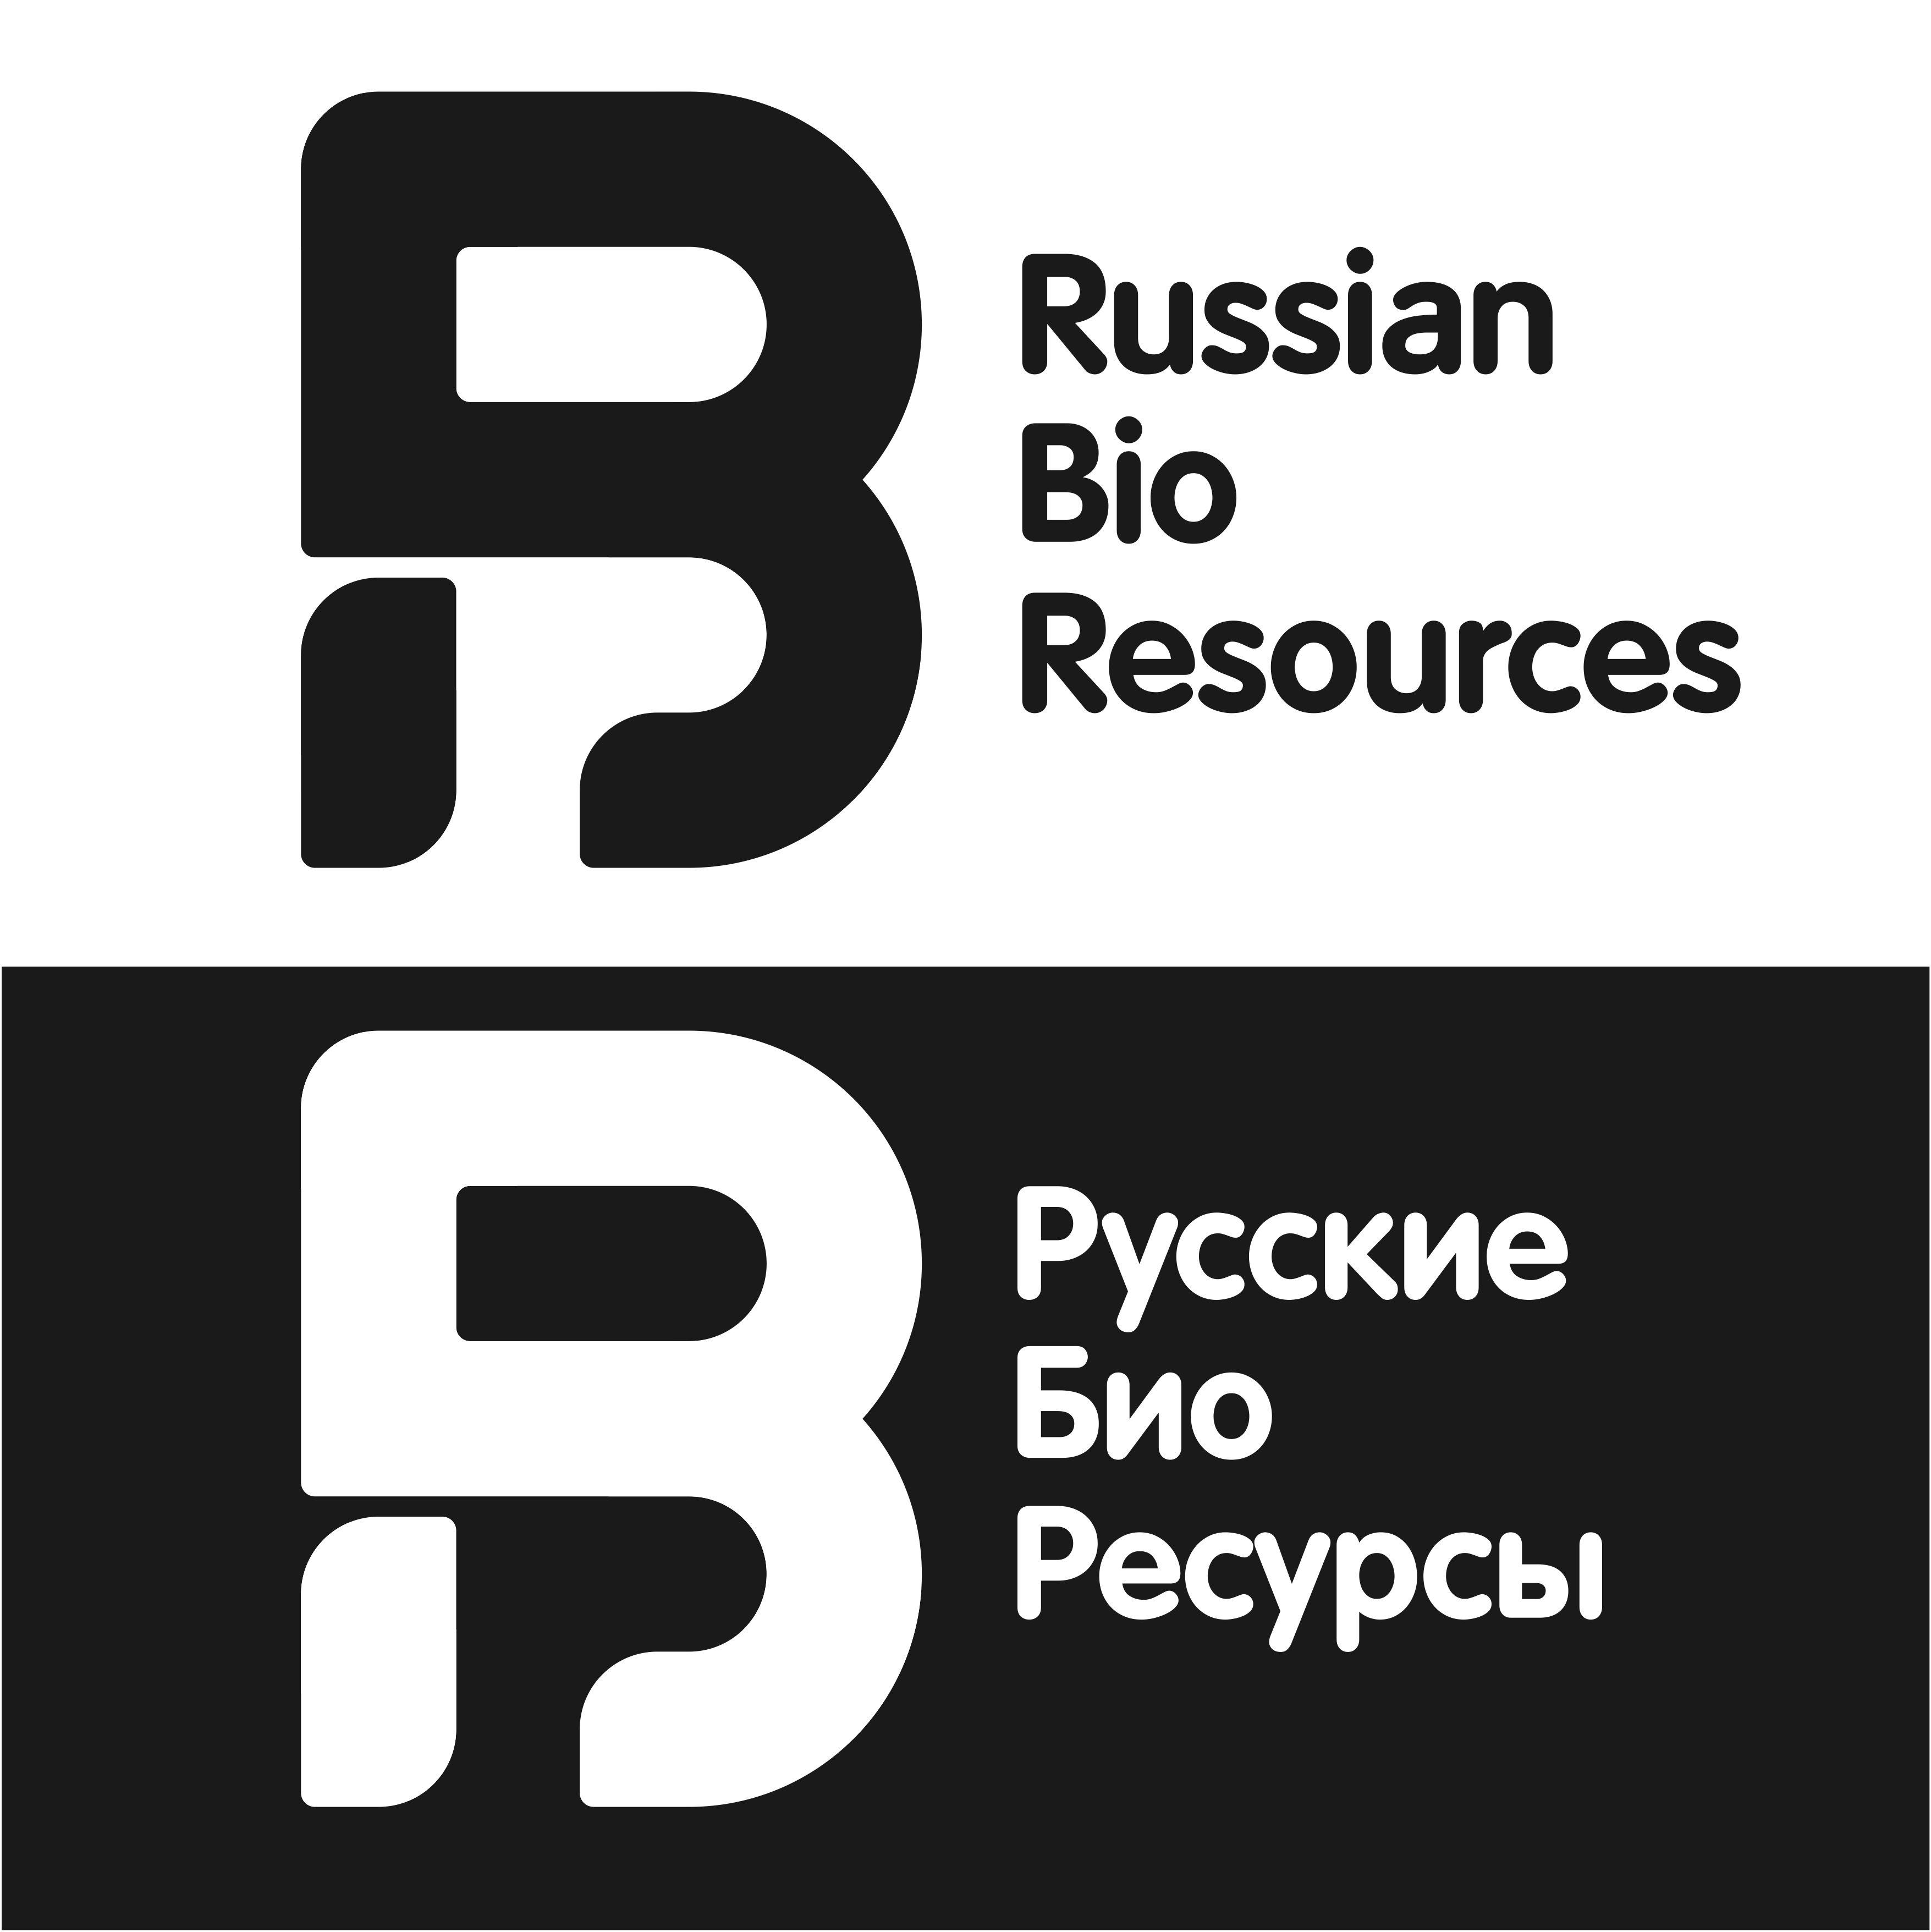 Разработка логотипа для компании «Русские Био Ресурсы» фото f_97658fceb5cec973.jpg